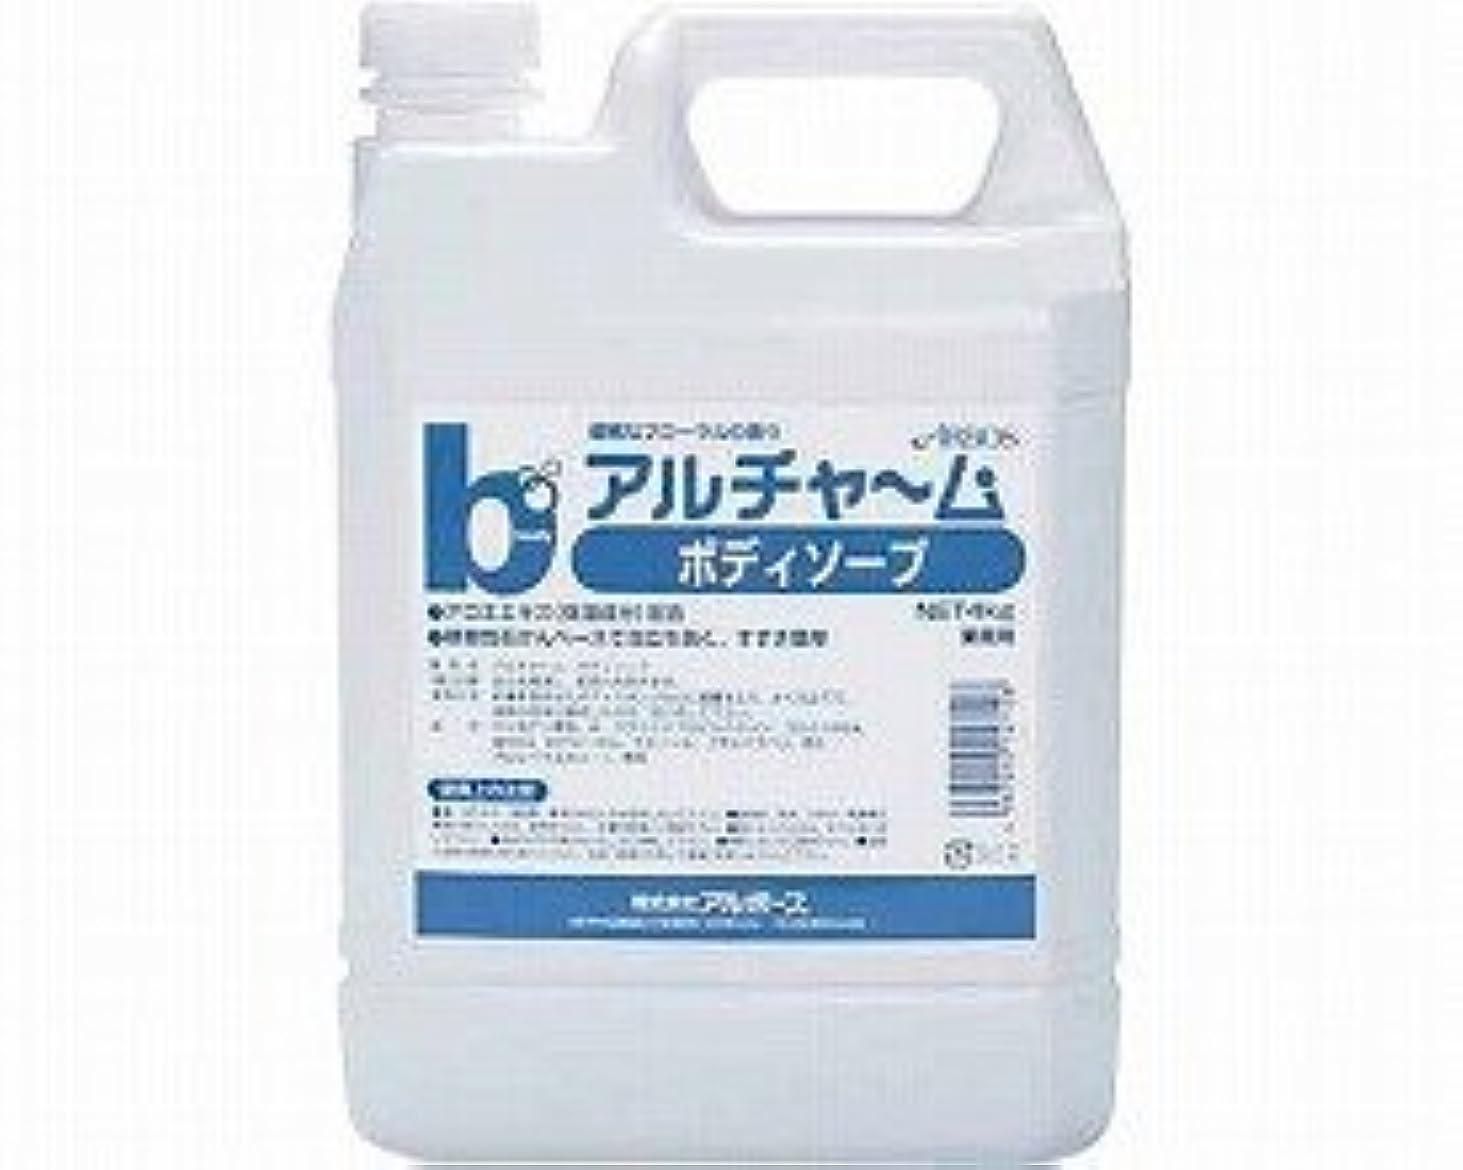 ネットディスパッチ部屋を掃除するアルチャーム ボディソープ 4kg (アルボース) (清拭小物)